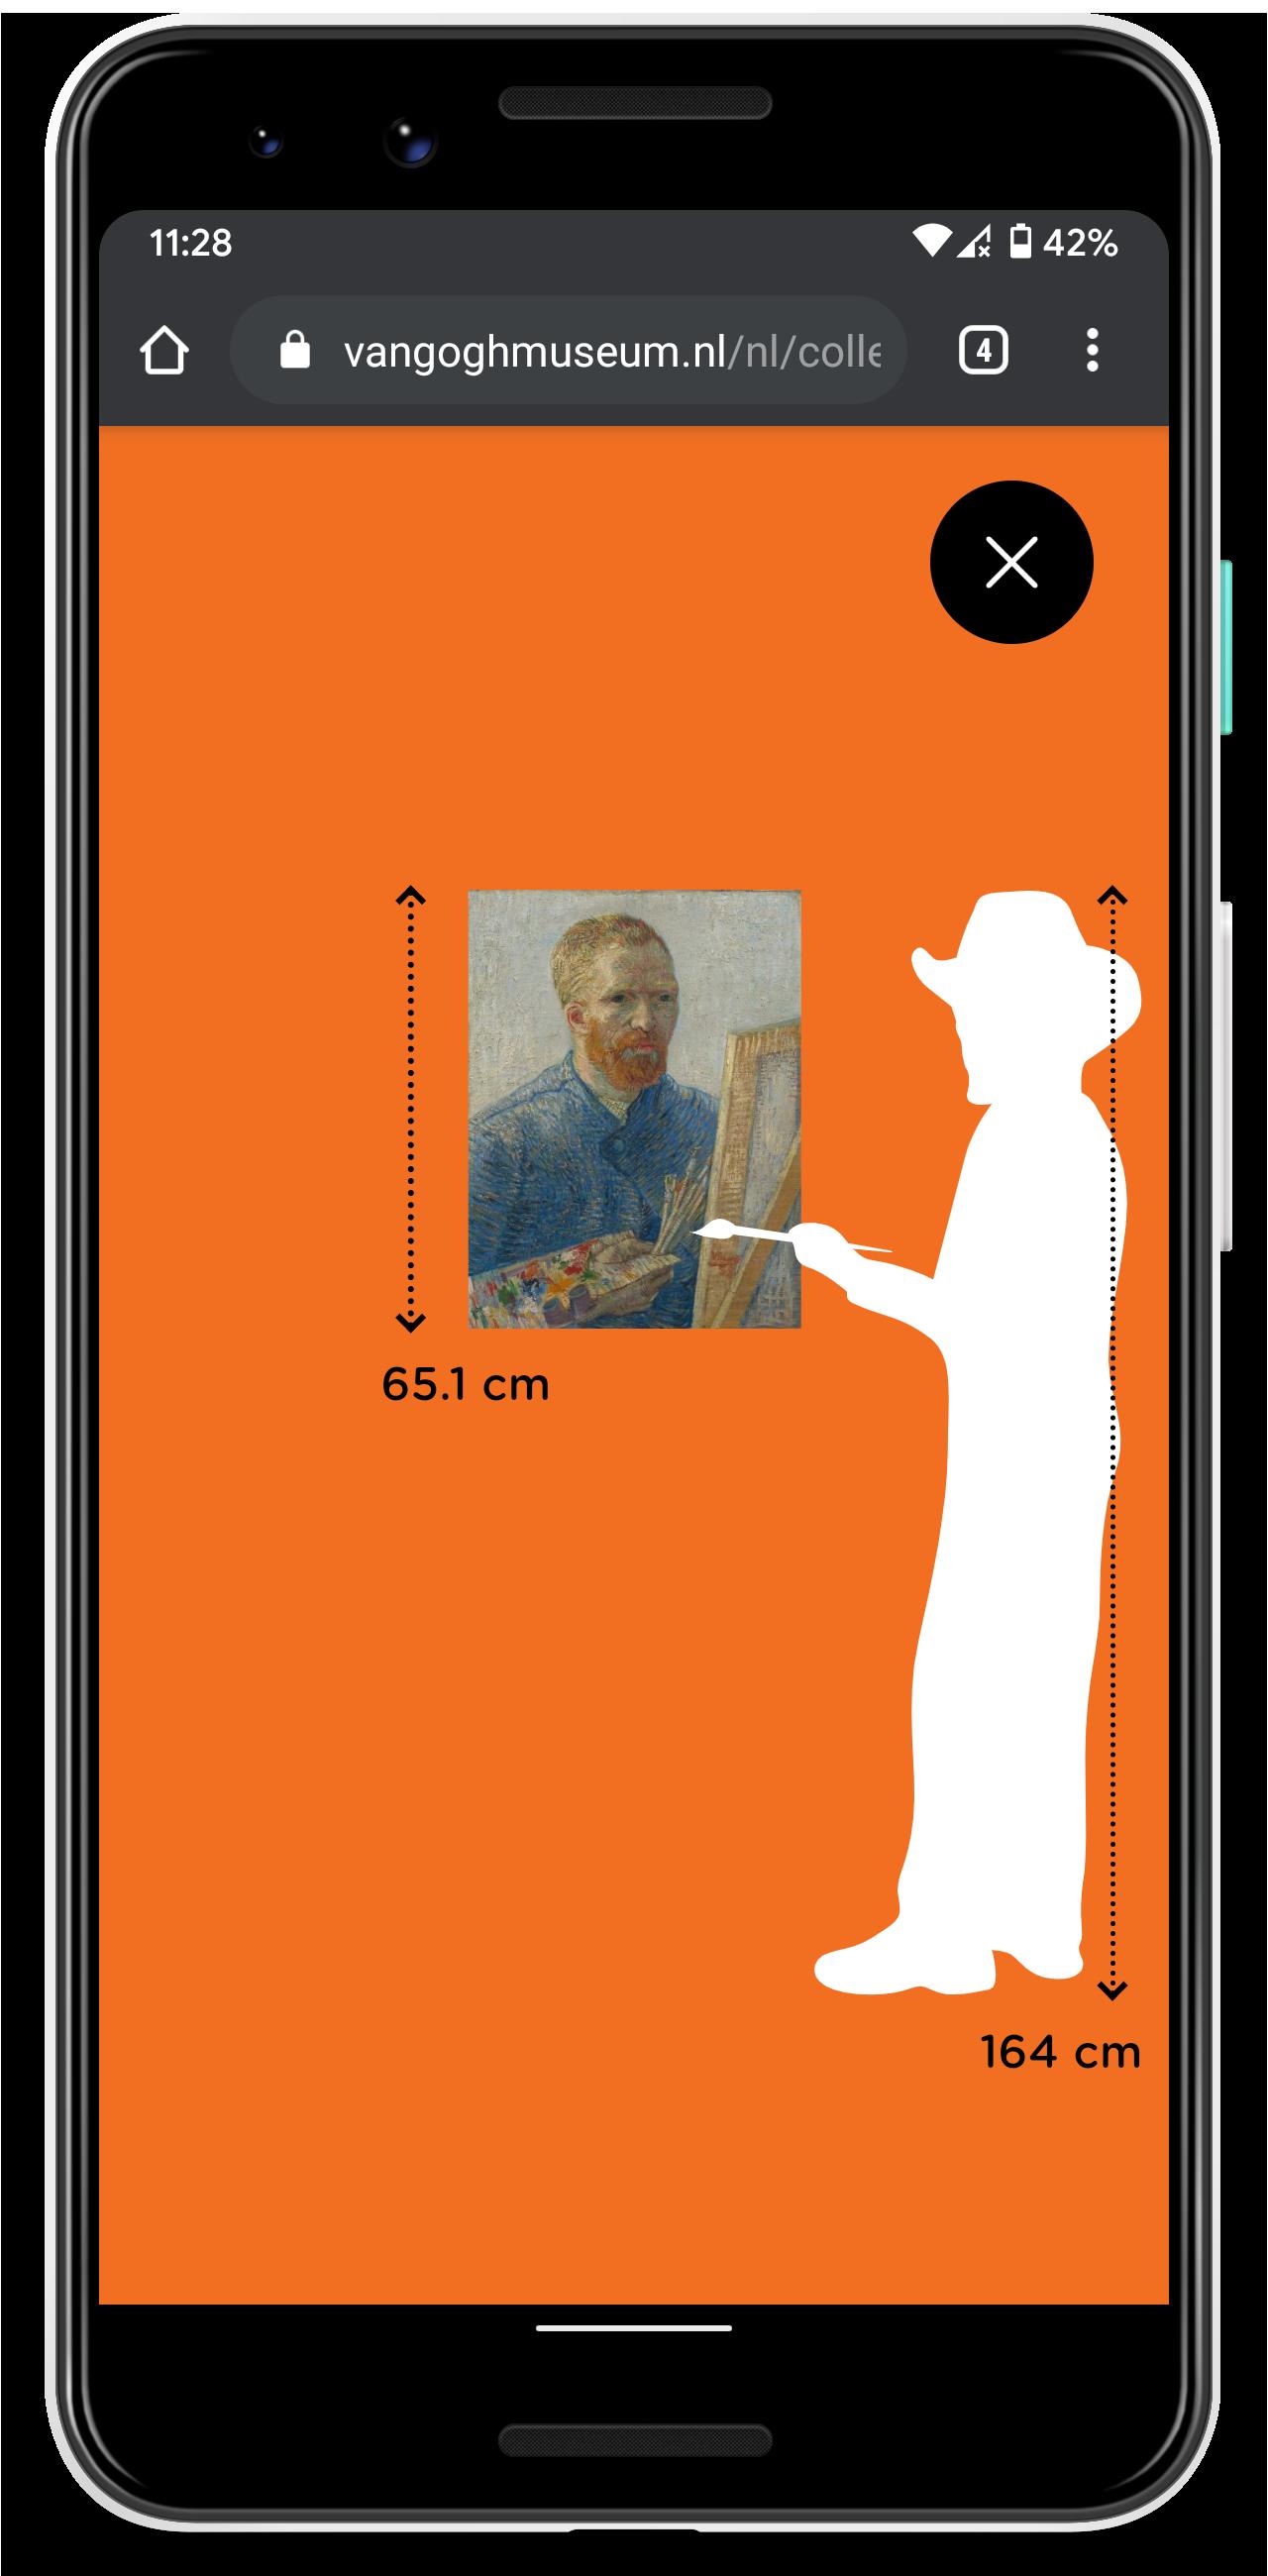 Mobiele telefoon met een zelfportret van Van Gogh naast een Van Gogh-figuurtje